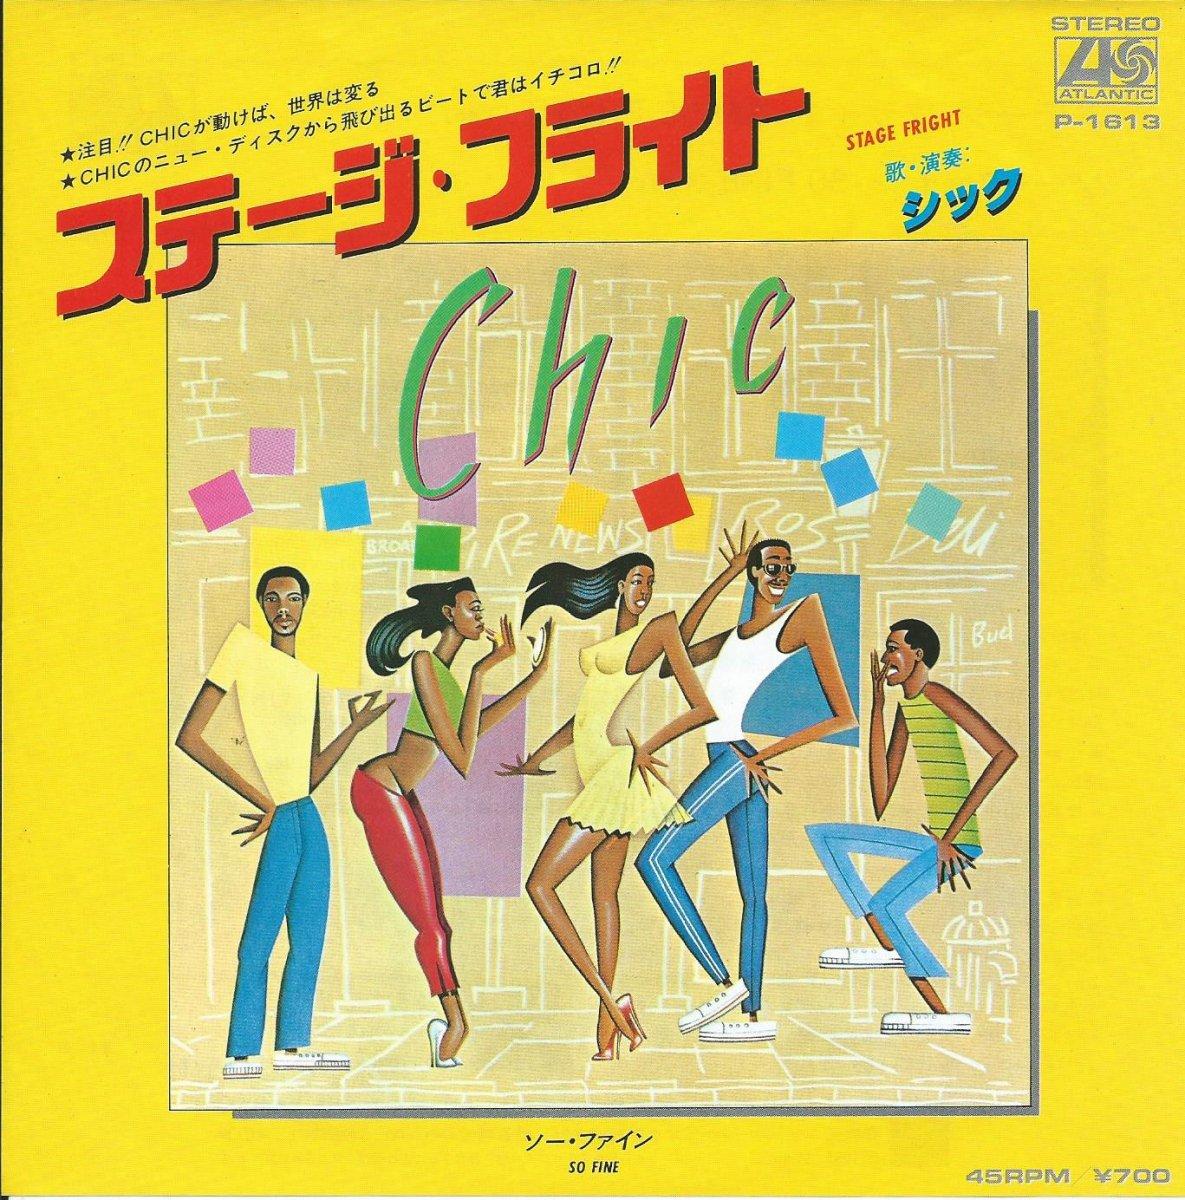 シック CHIC / ステージ・フライト STAGE FRIGHT / ソー・ファイン SO FINE (7